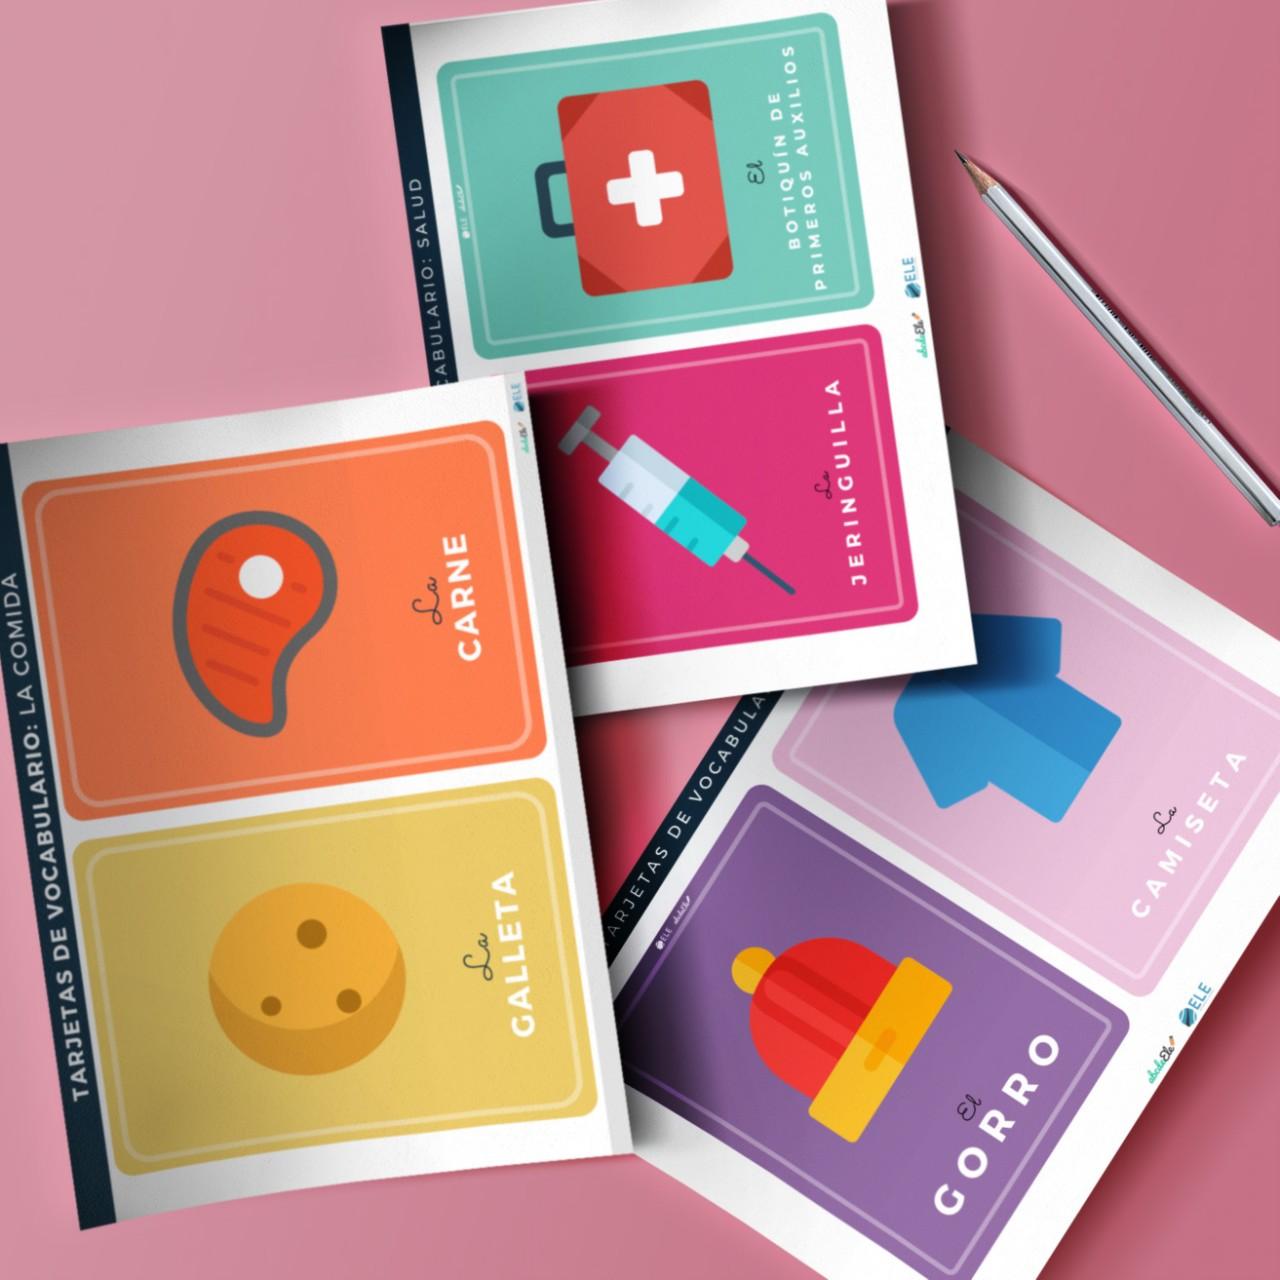 Pack con tarjetas de vocabulario